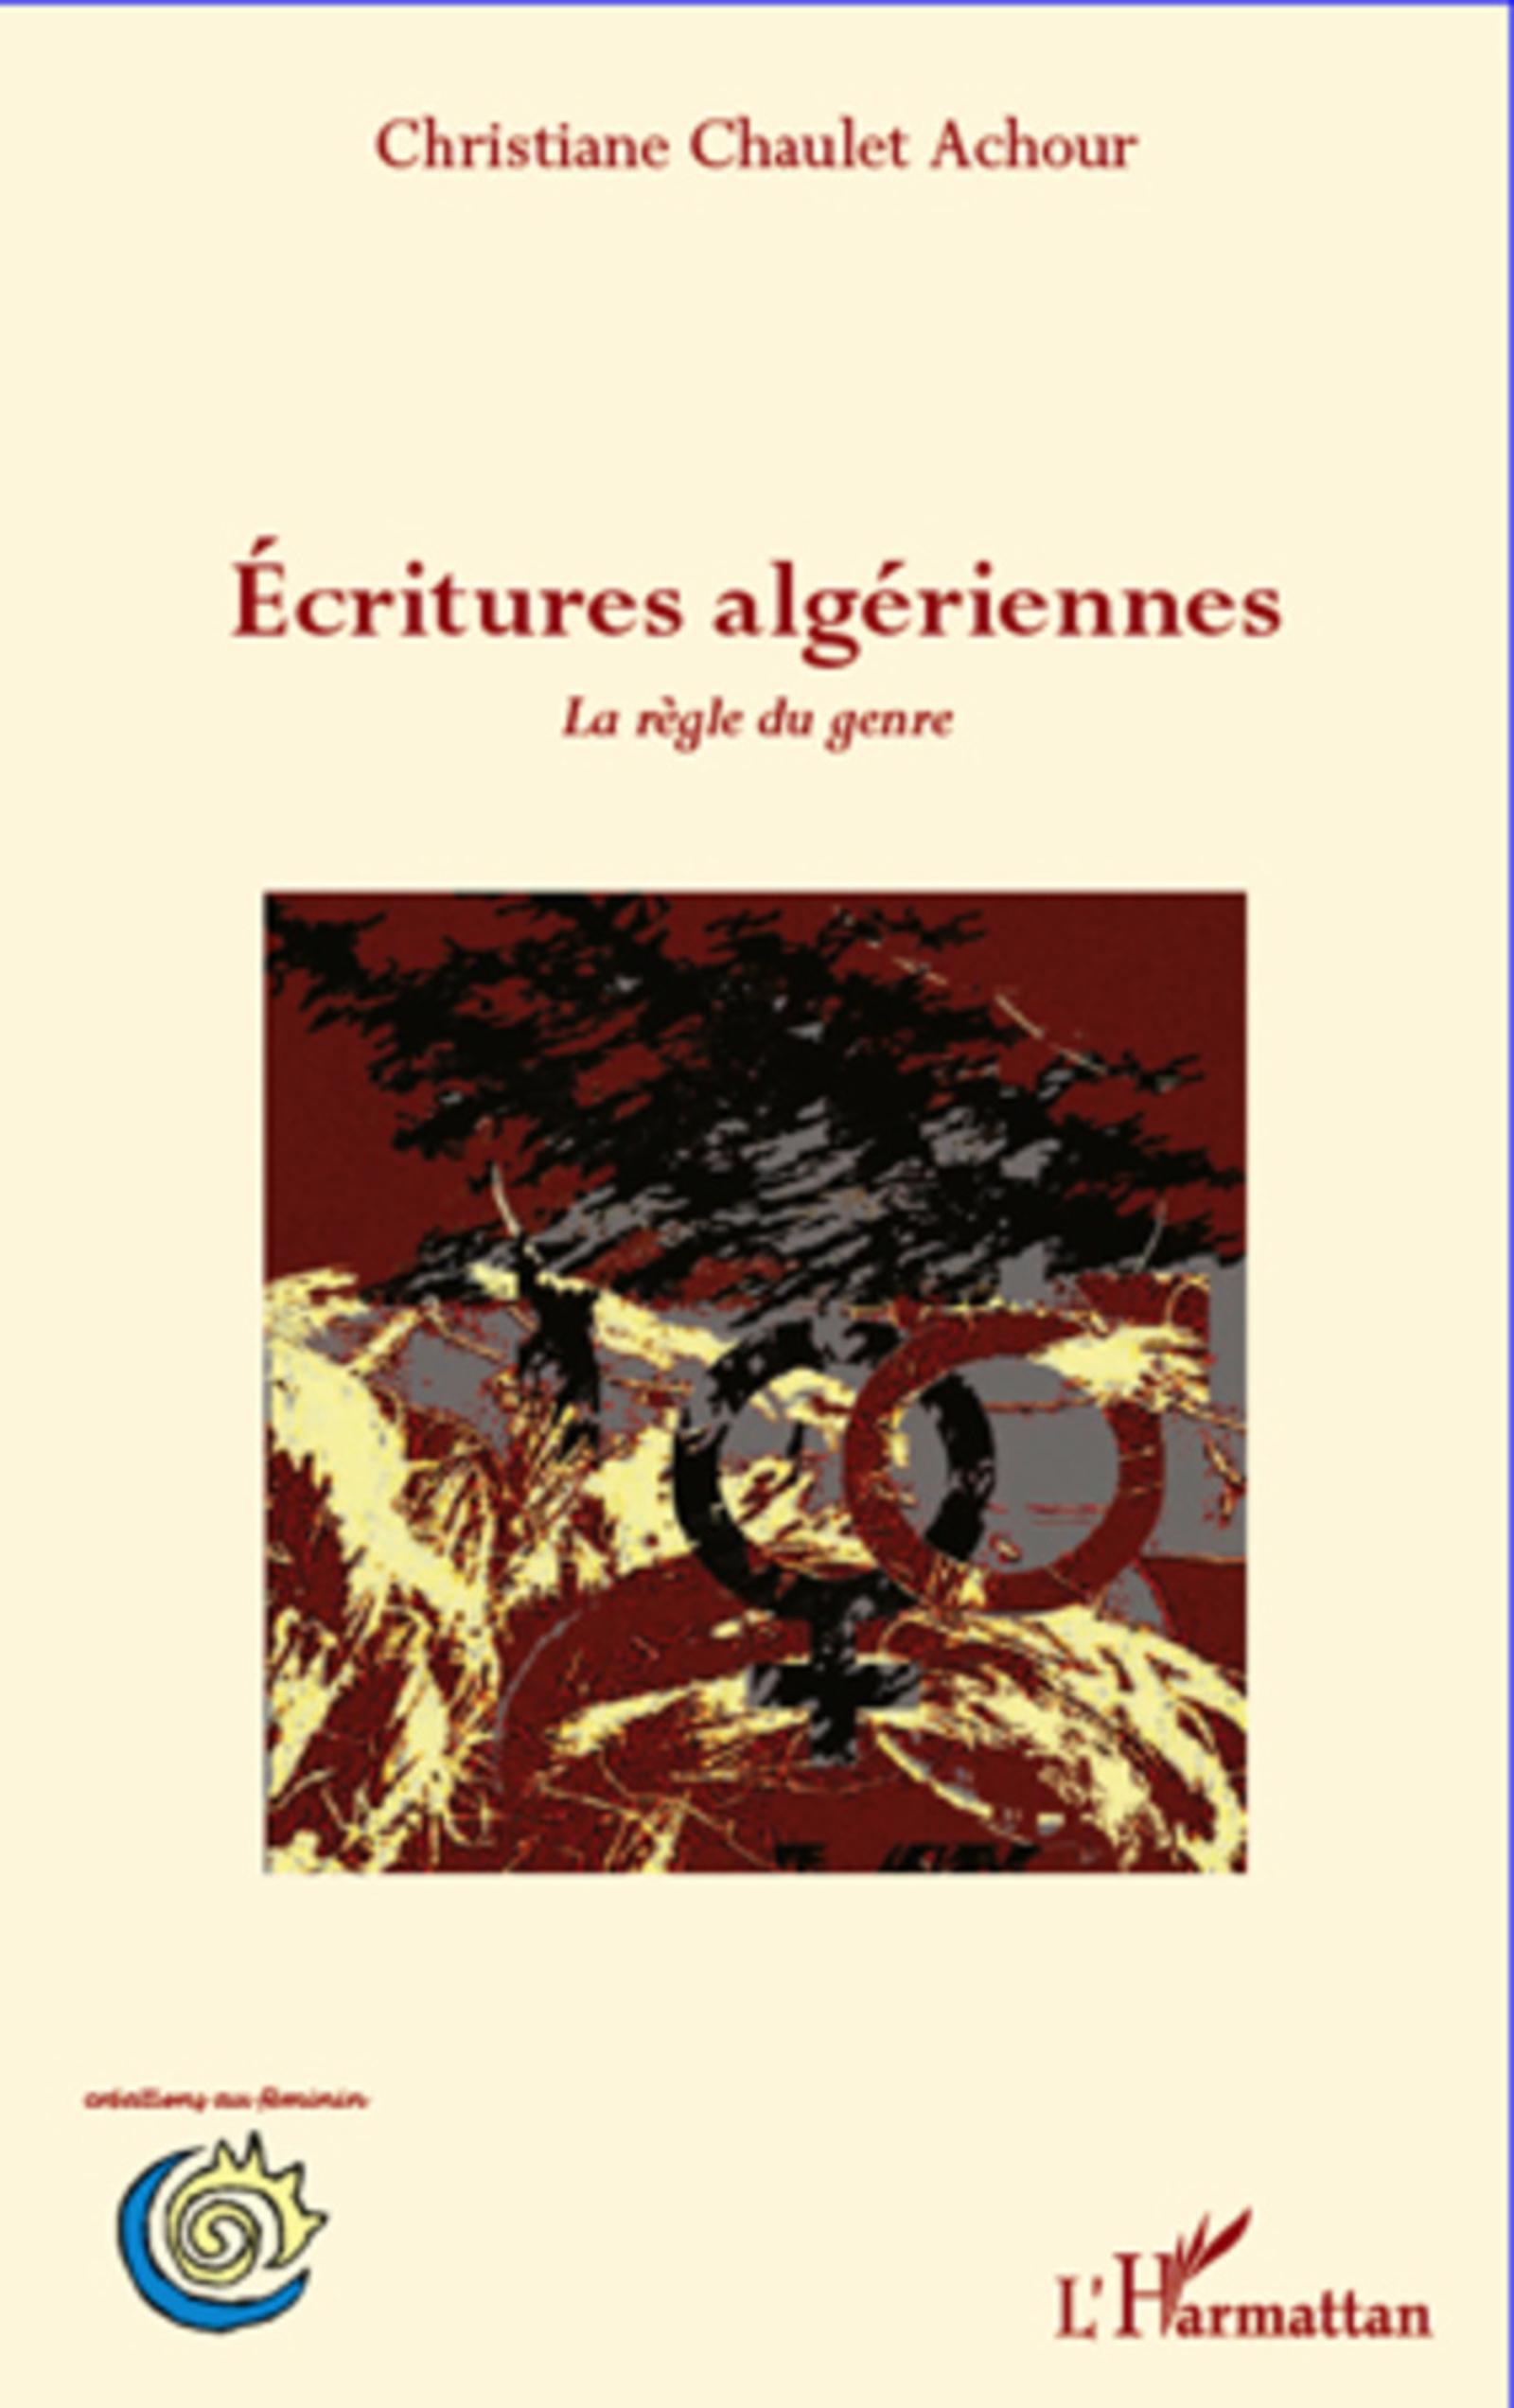 Ecritures algériennes | Chaulet Achour, Christiane